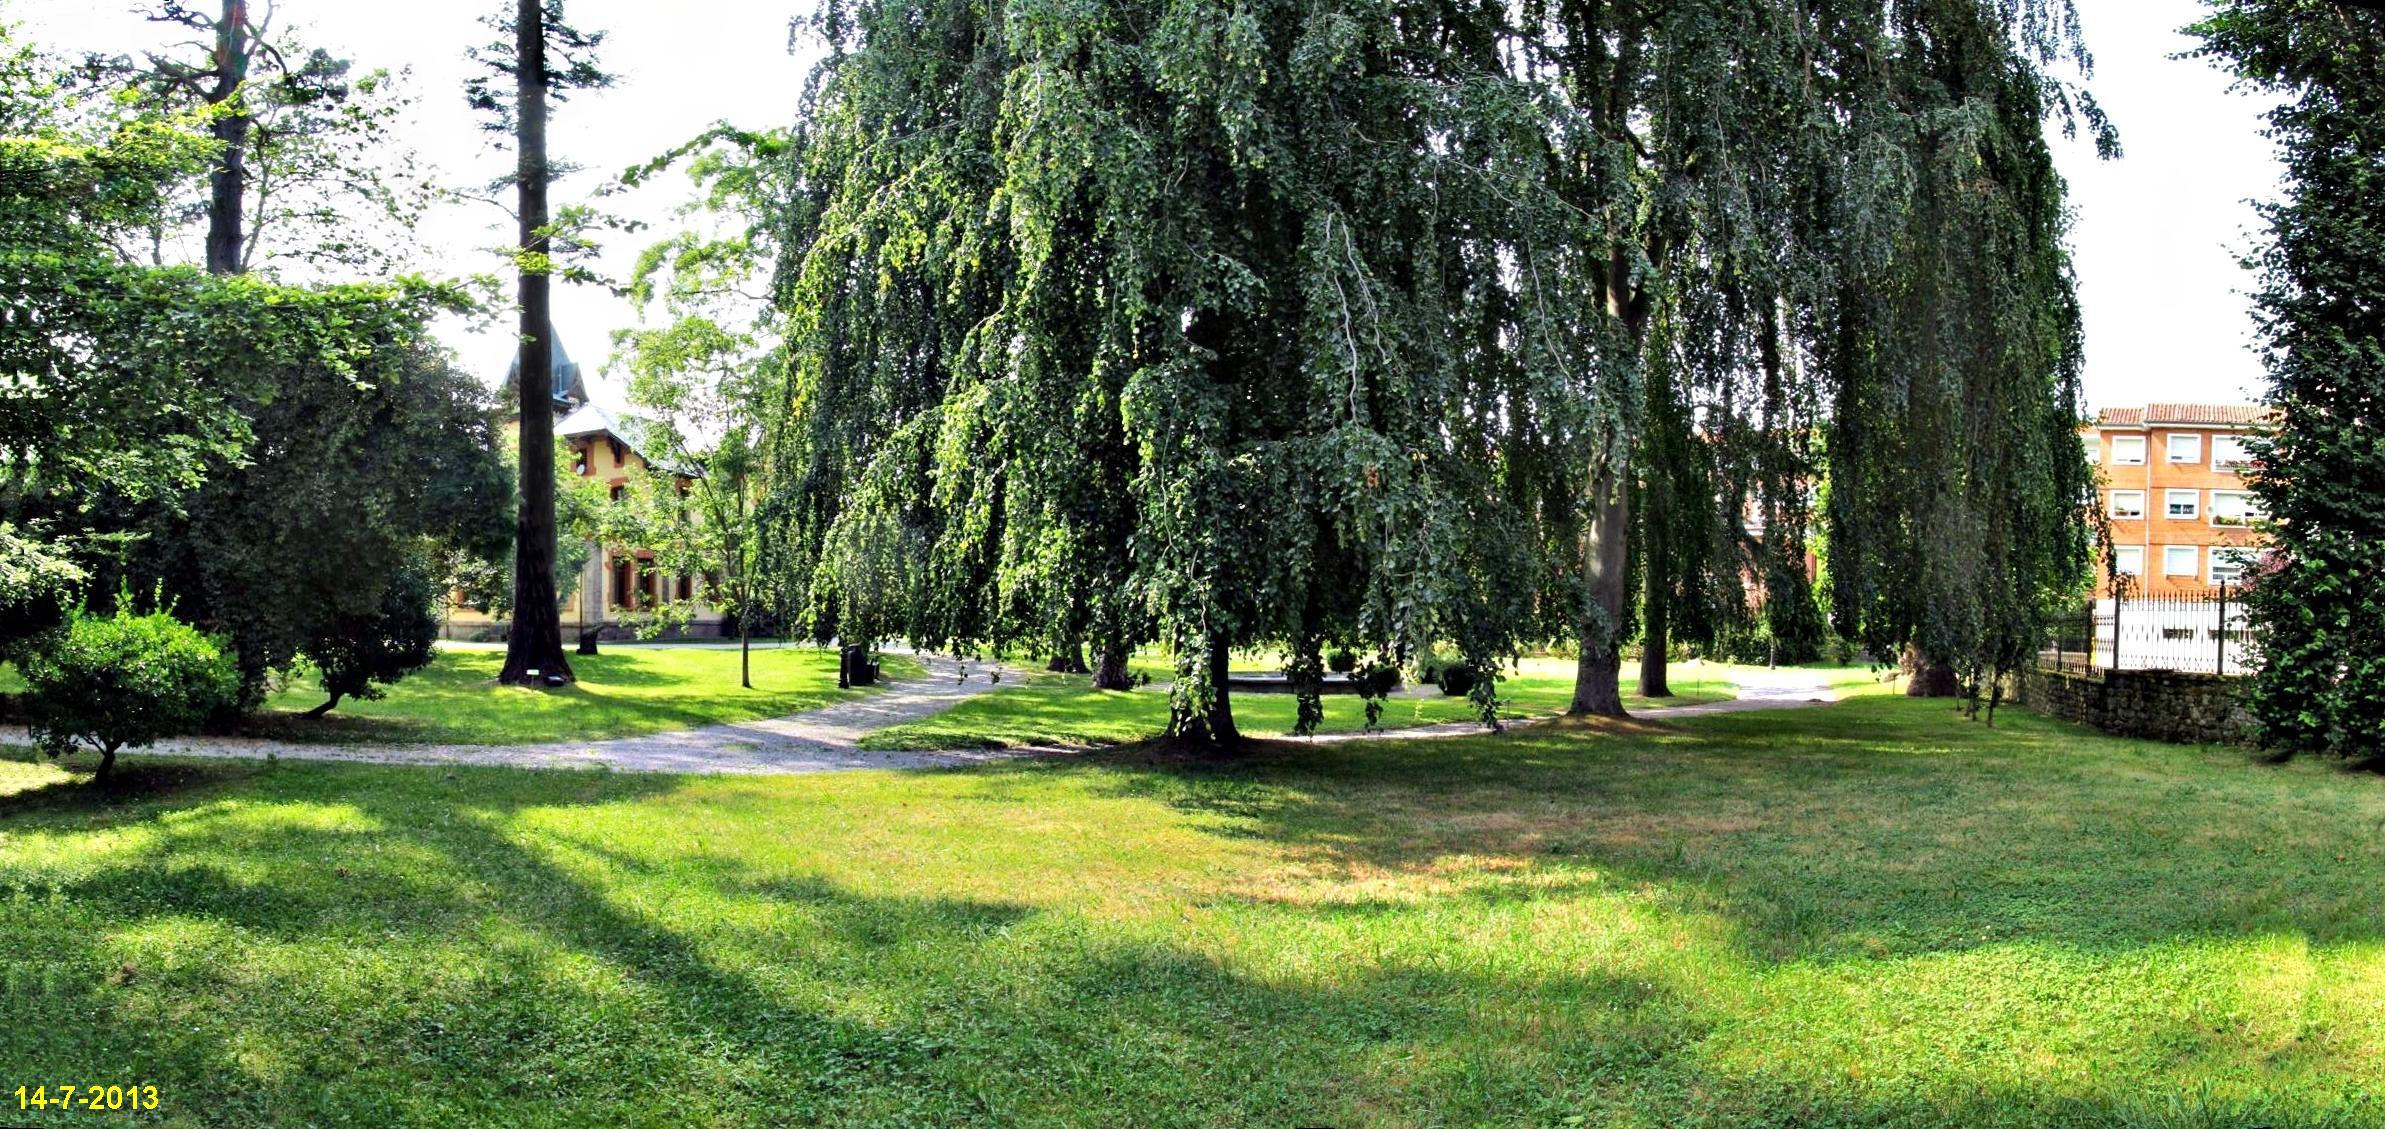 Cabez n haya pendular en el parque de san diego fotos for Parques y jardines fotos